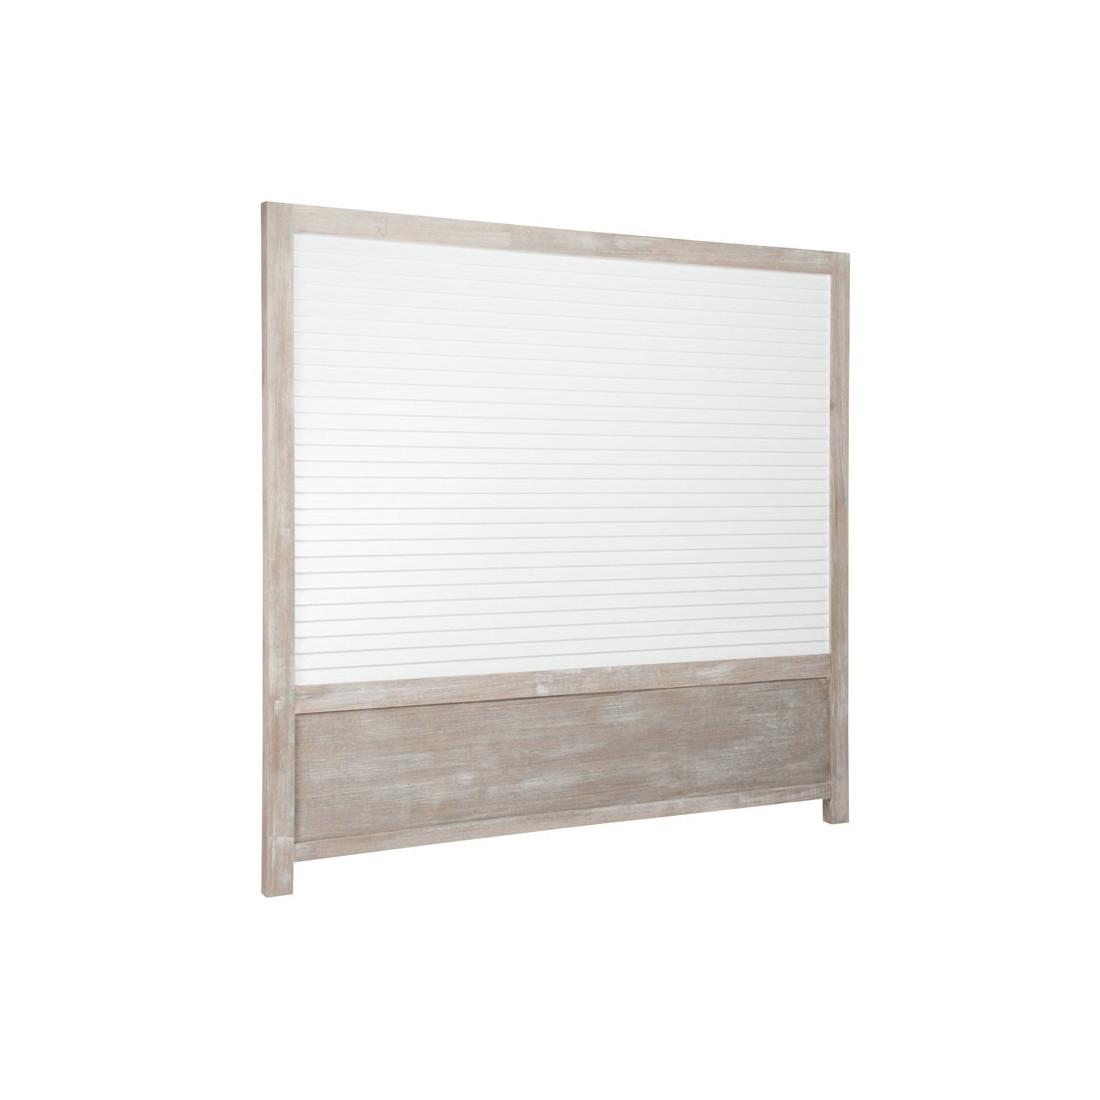 T te de lit r versible bois c rus blanc gris regus univers chambre - Tete de lit en bois blanc ...